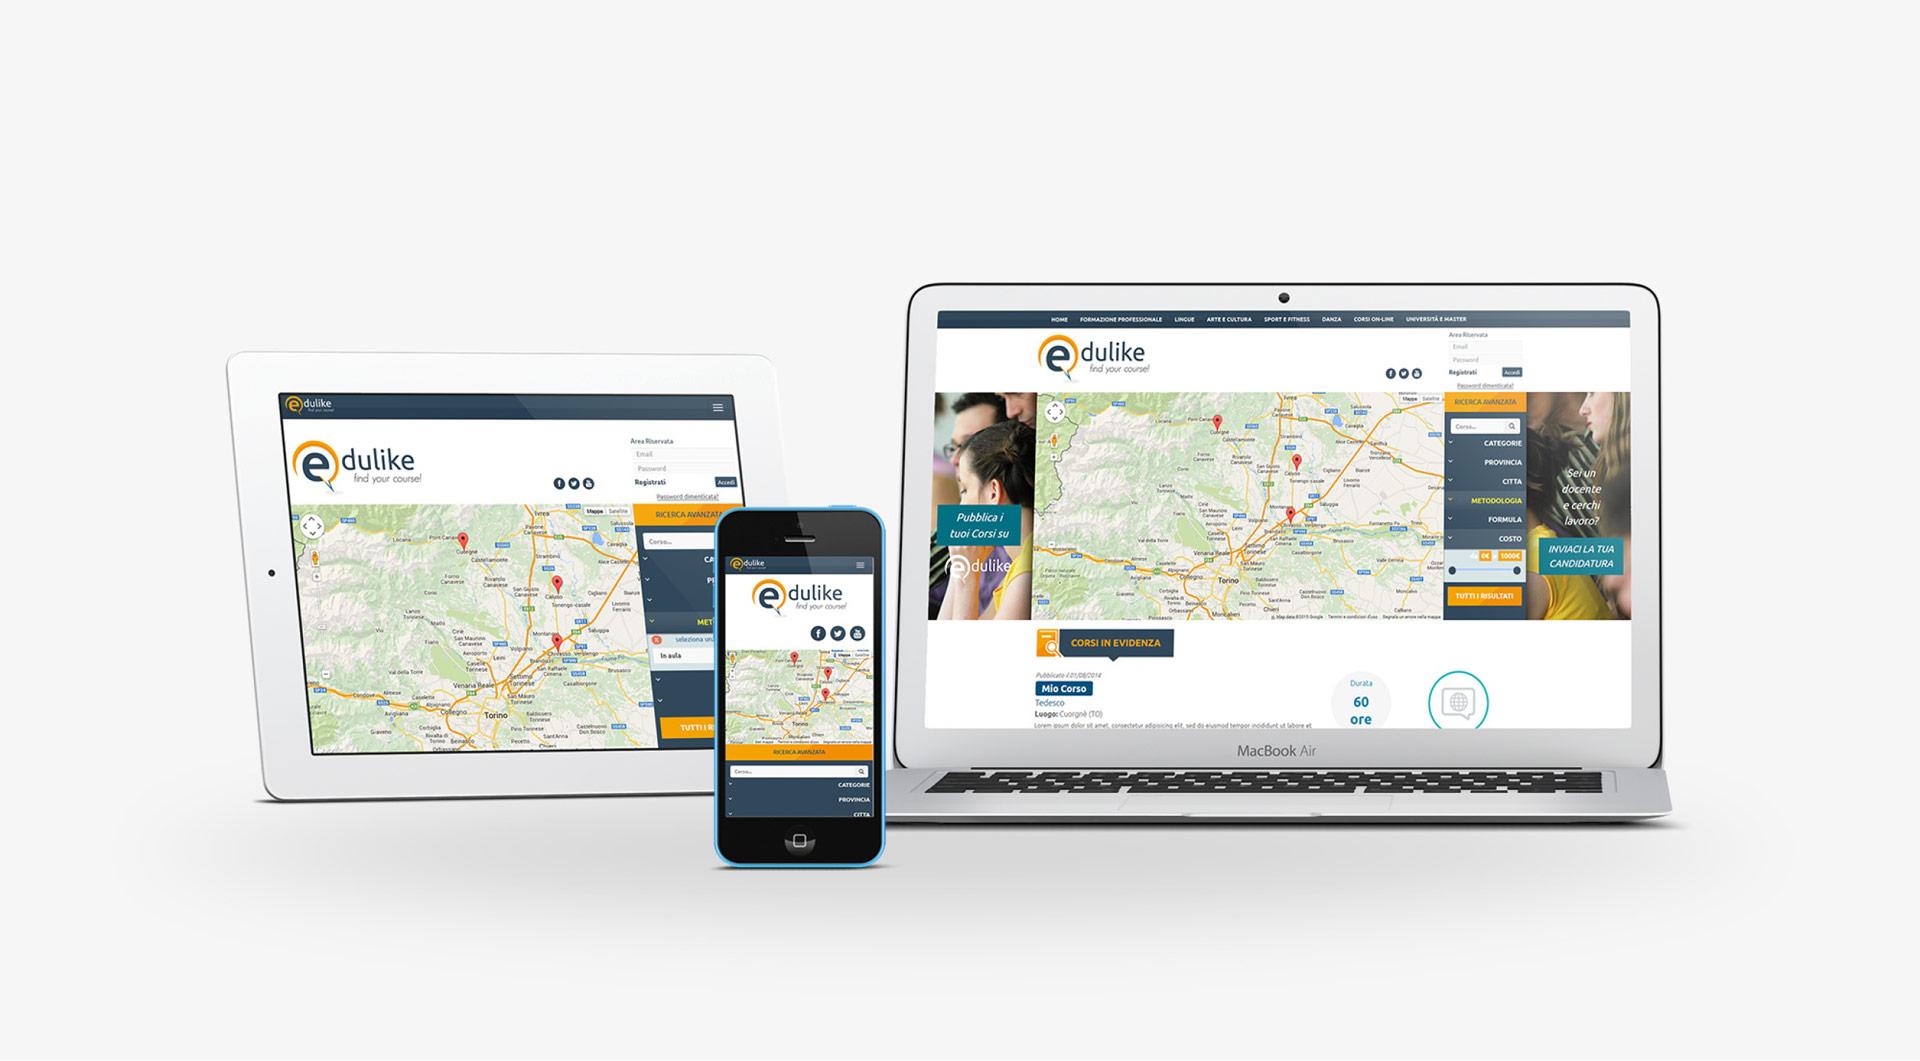 edulike 1 sito web corsi formazione torino edulike centri di formazione google maps